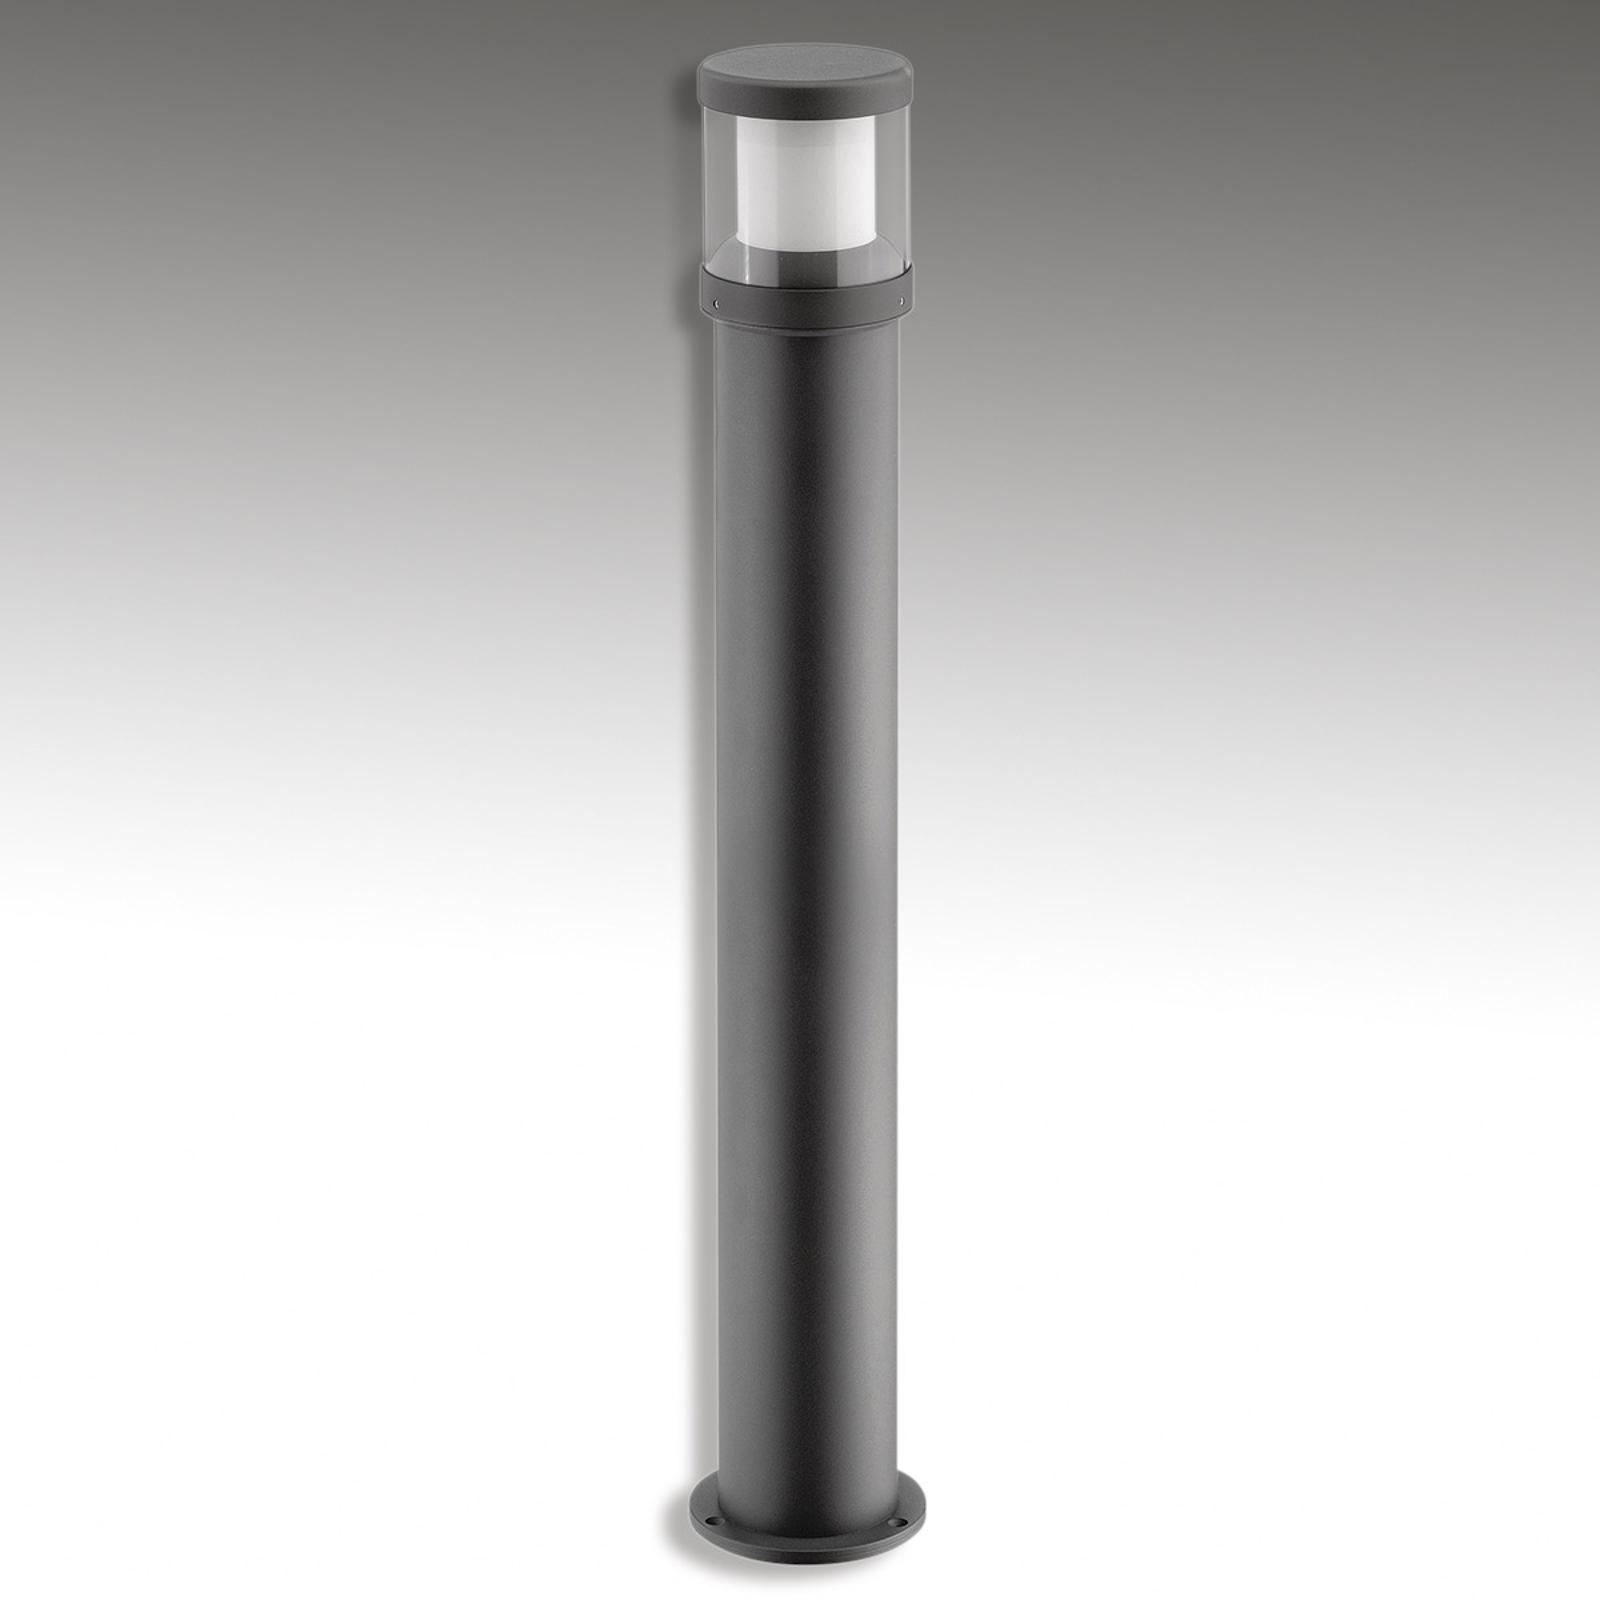 LED-Wegeleuchte Levent graphit 92 cm